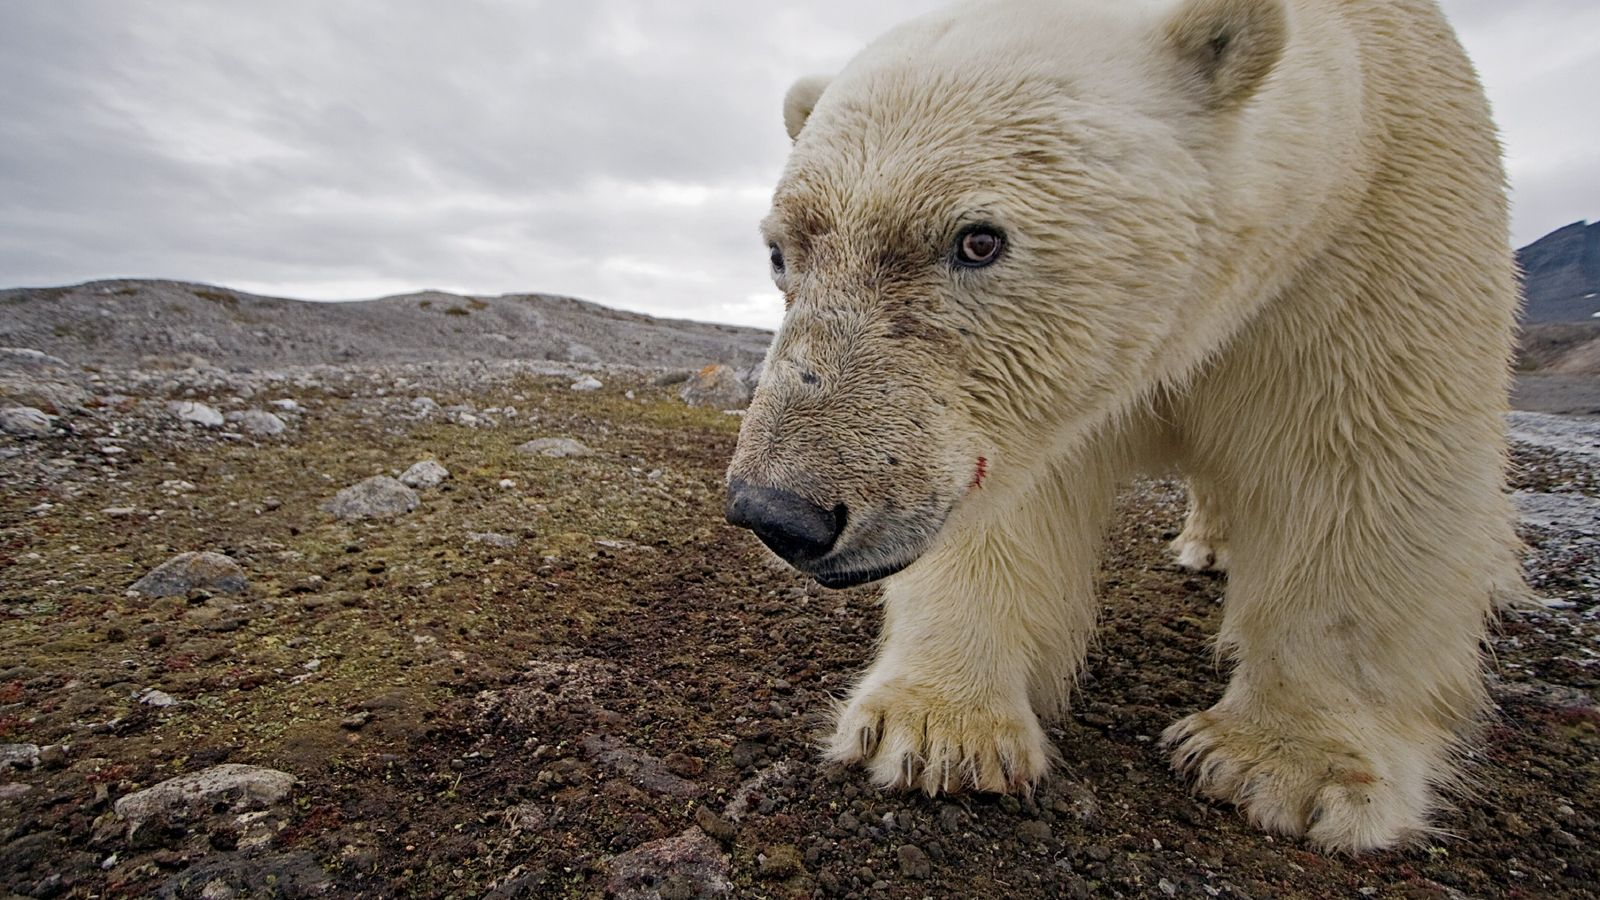 Fotos revelam a vida cotidiana de ursos-polares